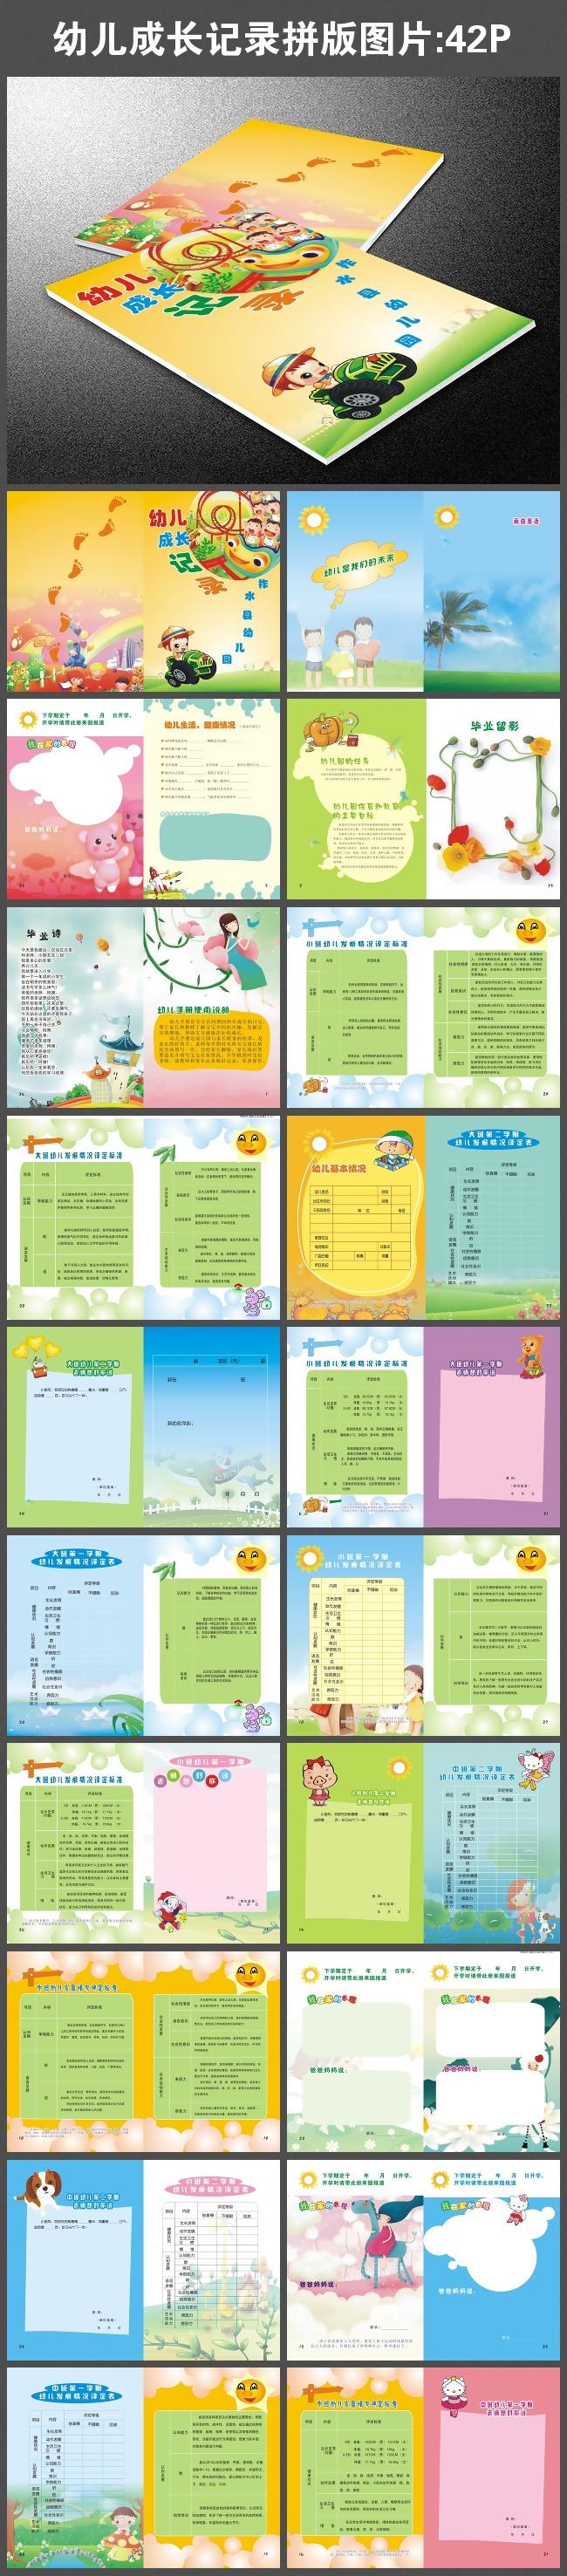 小狗 小猪 脚印 矢量 拼版 cdr 画册设计 广告设计 说明:幼儿成长记录